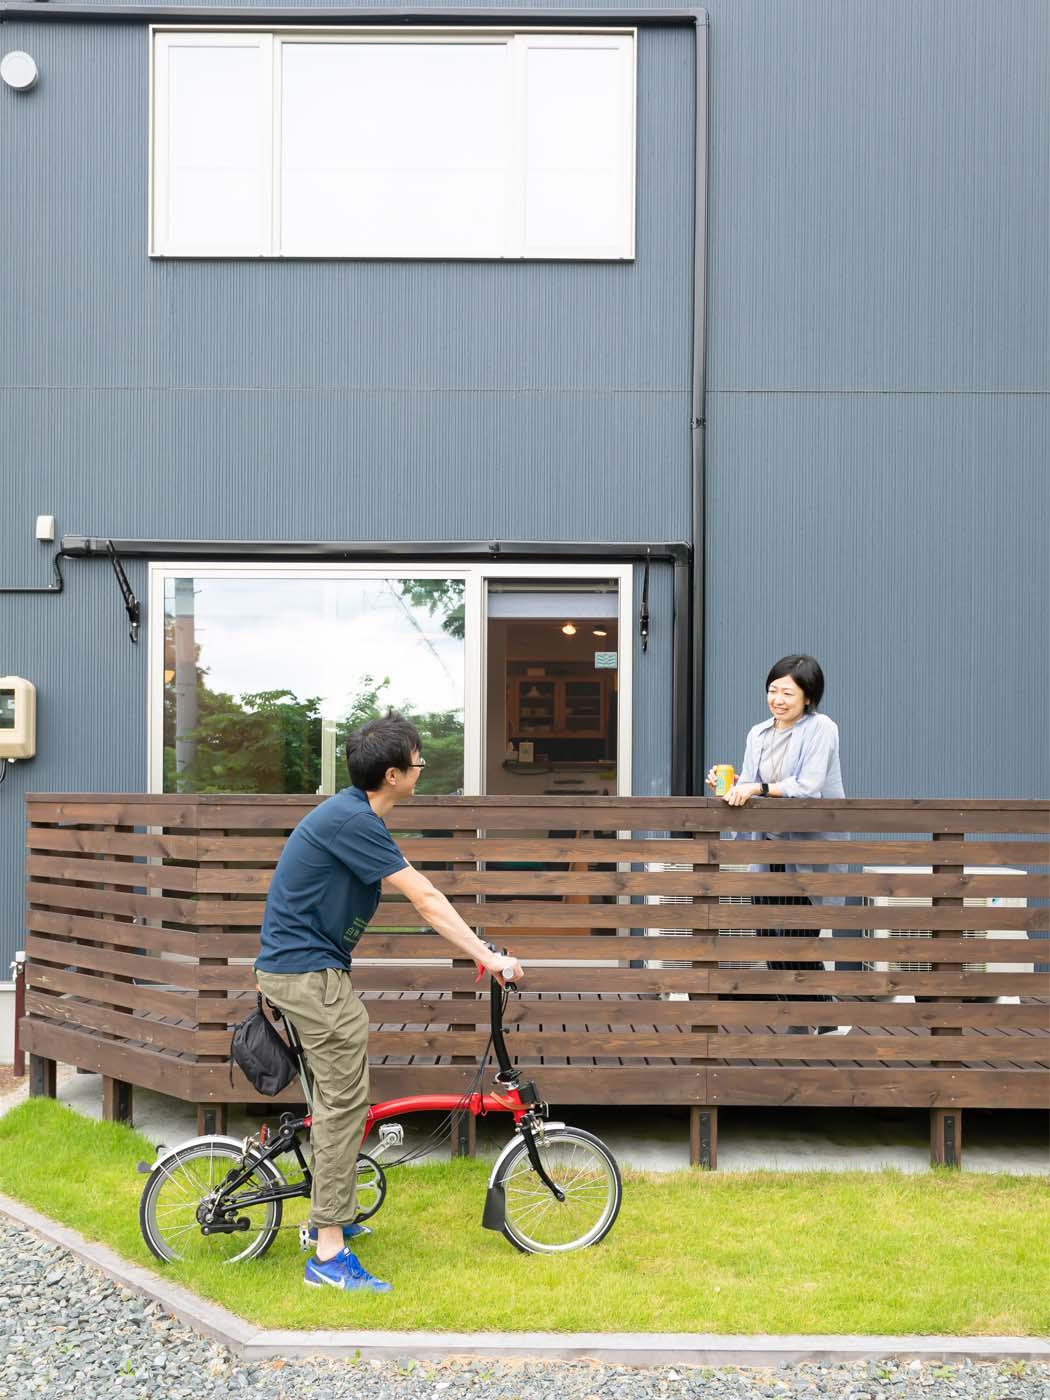 庭につながる、開放的なウッドデッキ。自転車はご夫婦の共通の趣味。